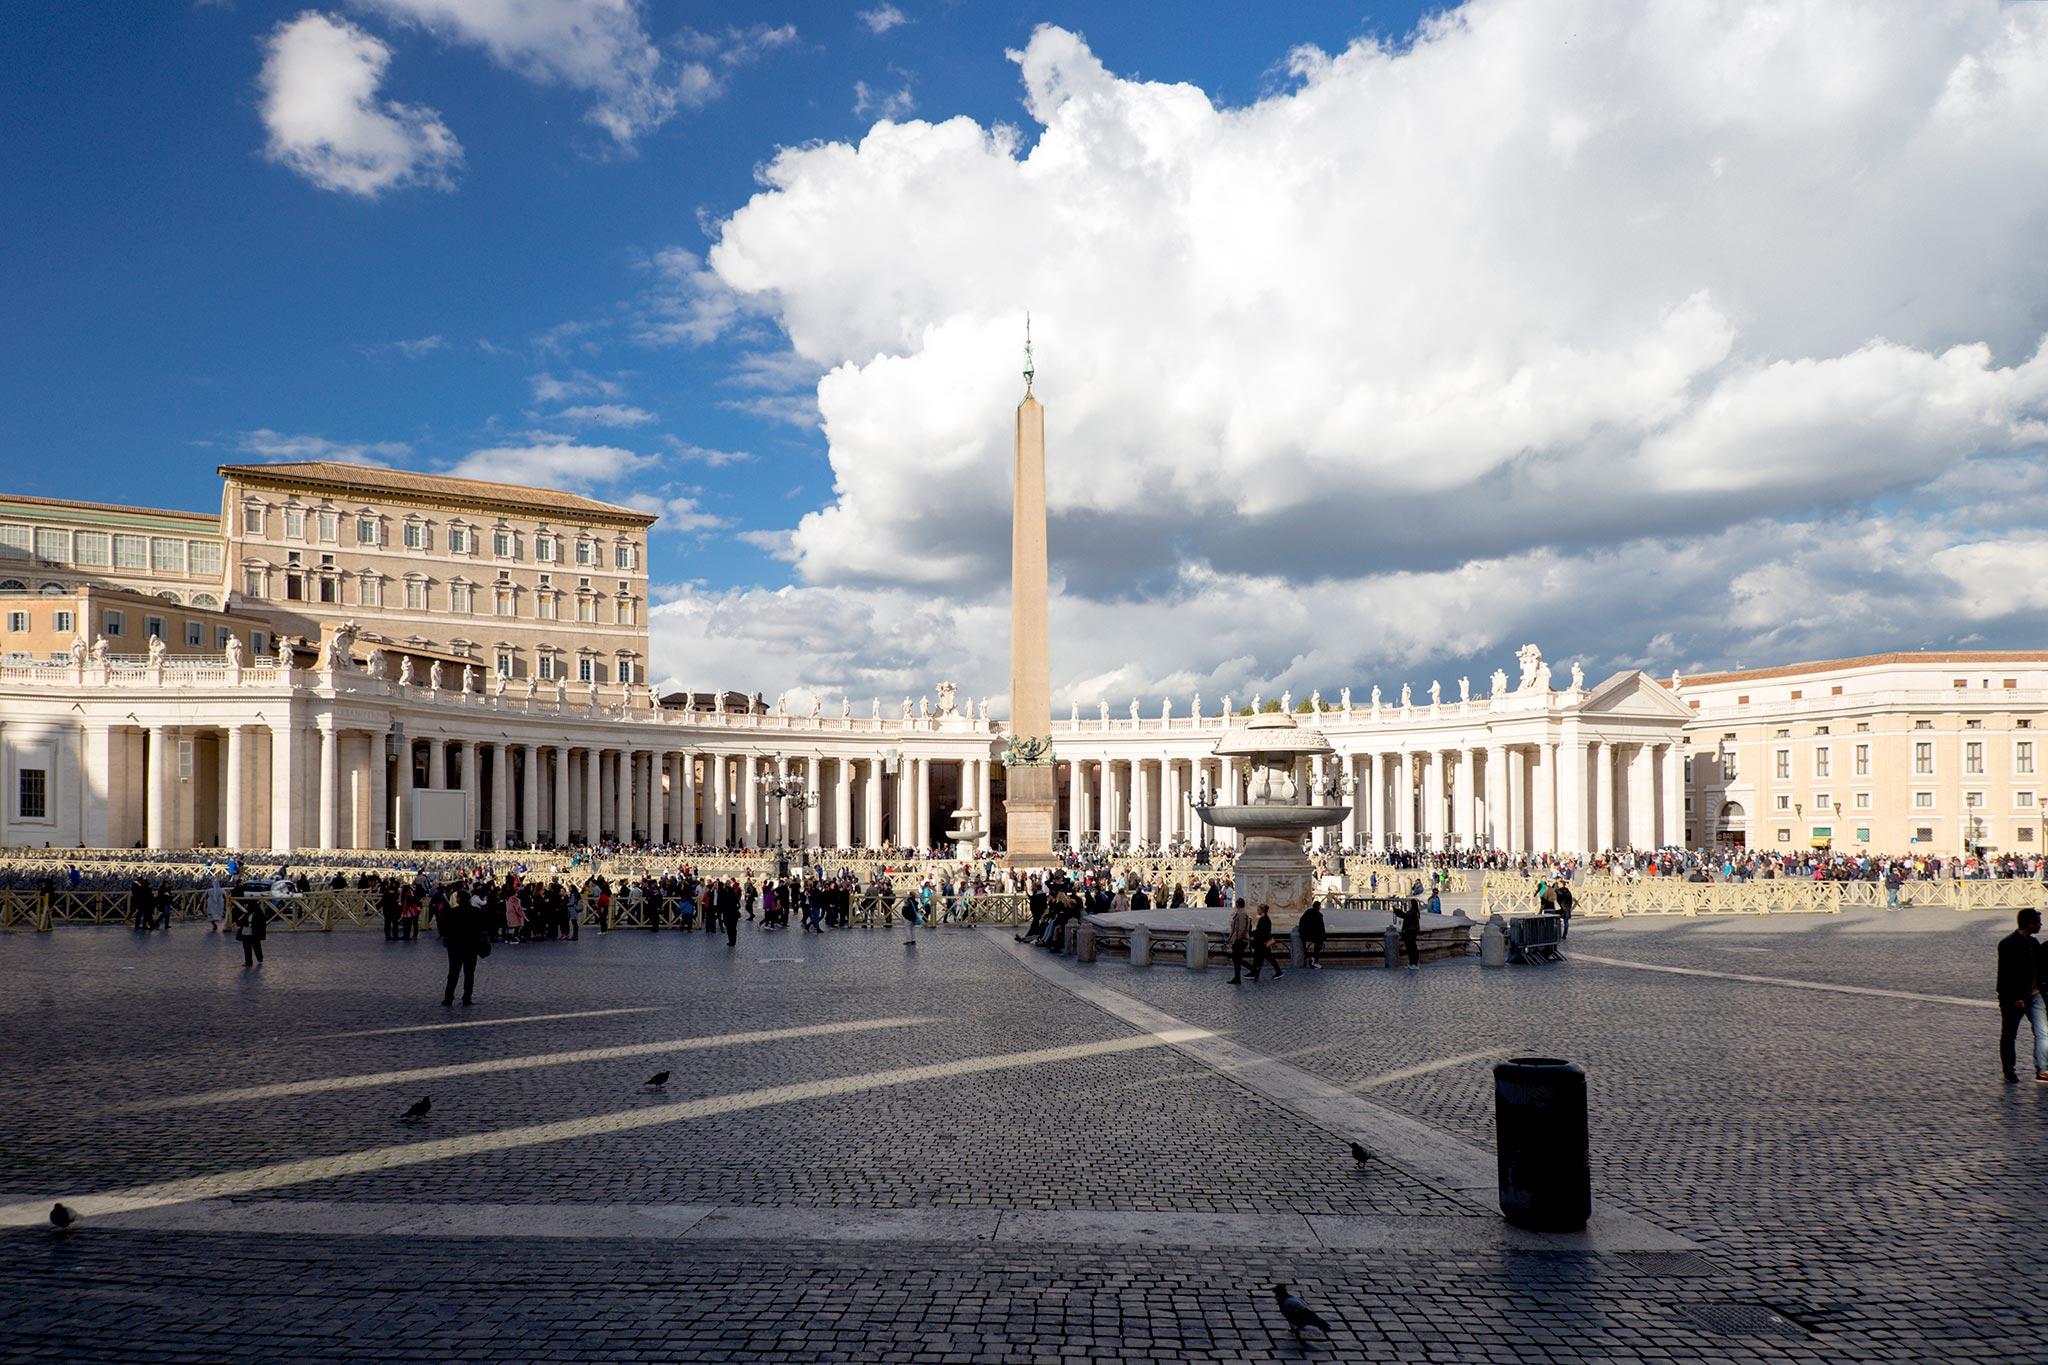 Vatikaani © Tuulia Kolehmainen